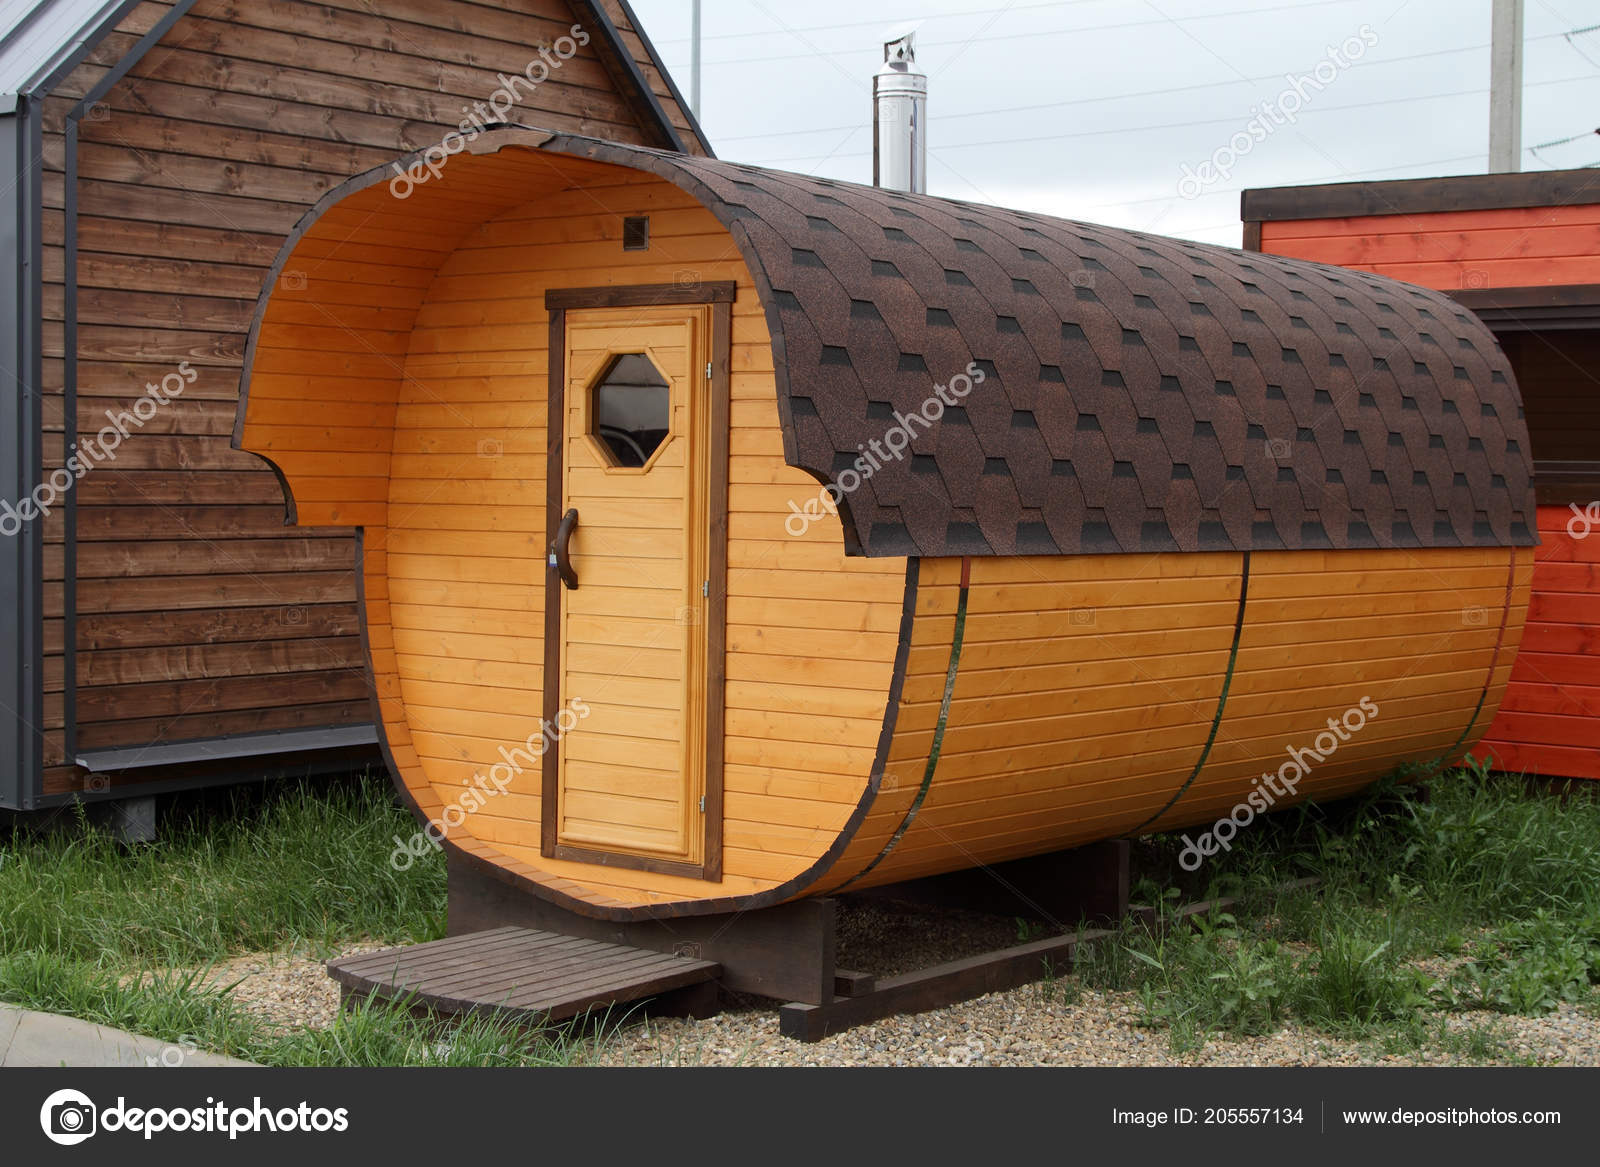 Mobile Bagno Compatto : Mobile bagno compatto sotto forma barilotto legno u foto stock